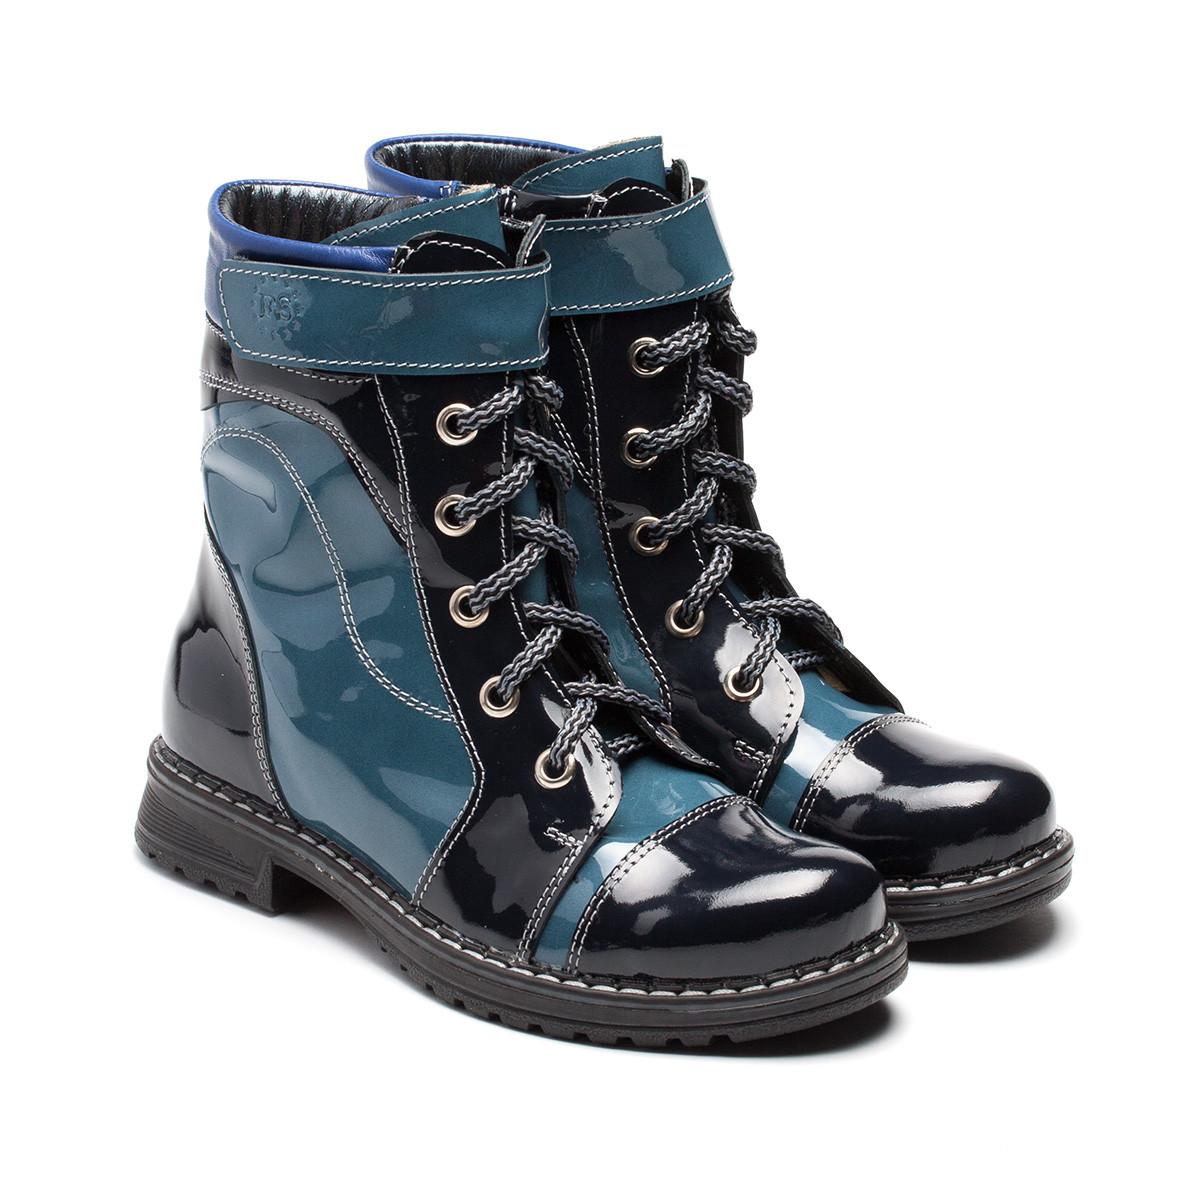 Ботинки FS Сollection, лакированные для девочки, демисезонные, размер 28- 36